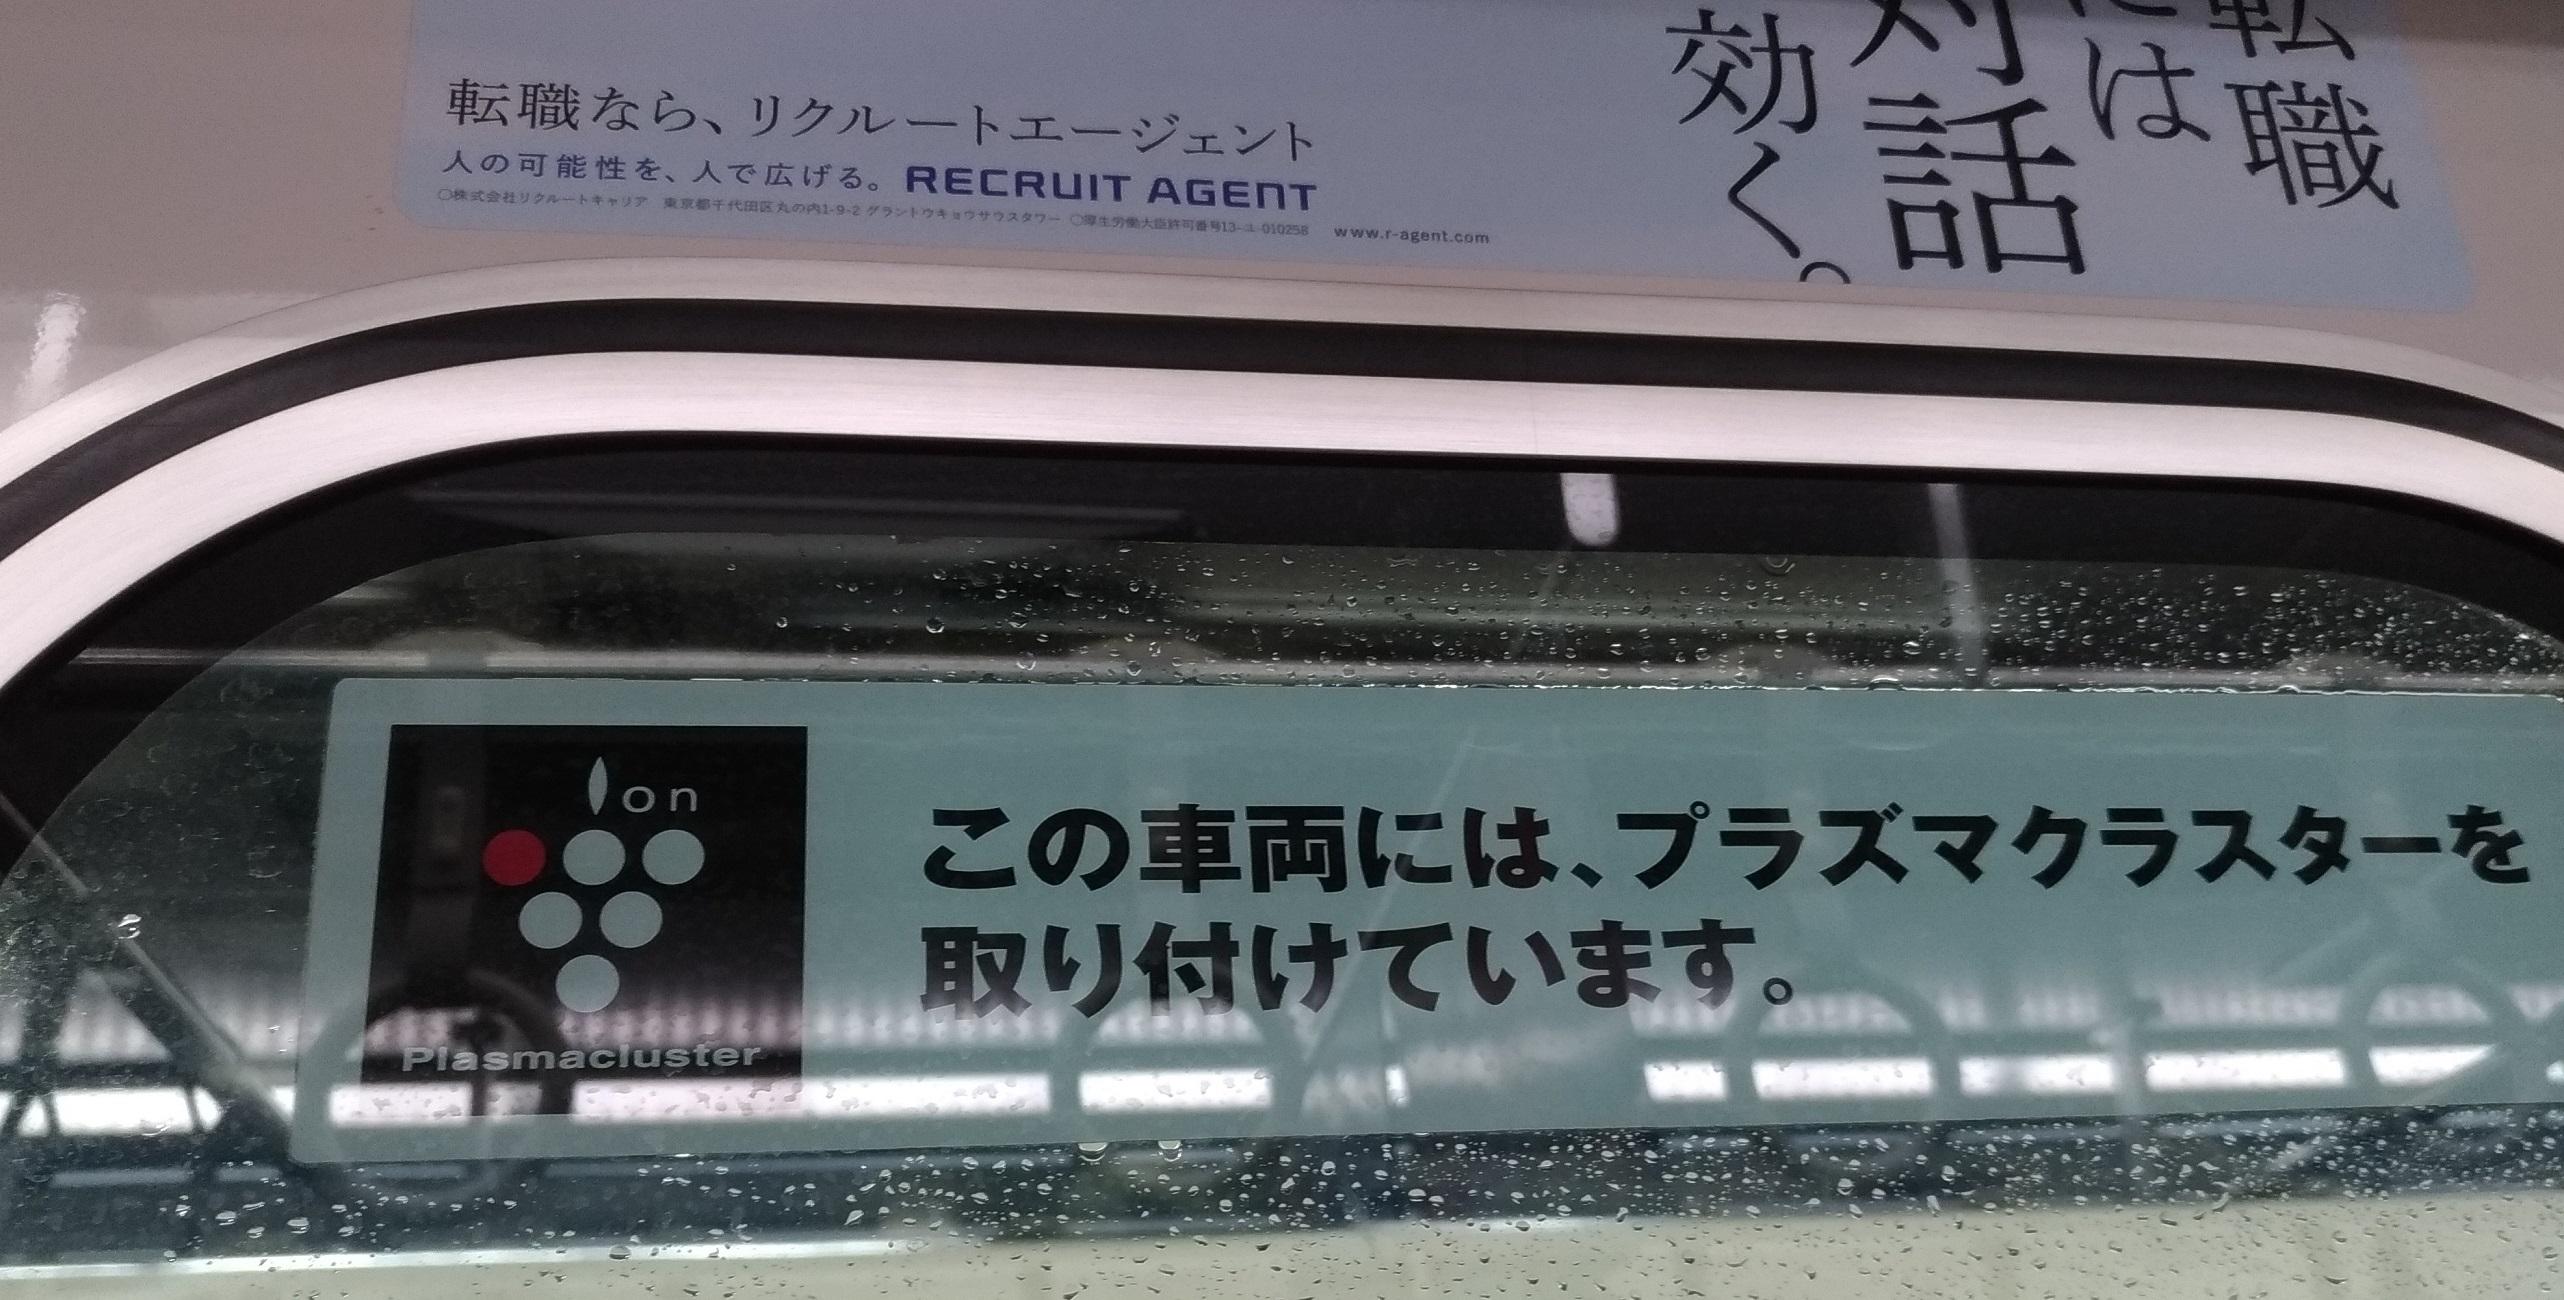 osaka_metro_sharp_kuuki.jpg